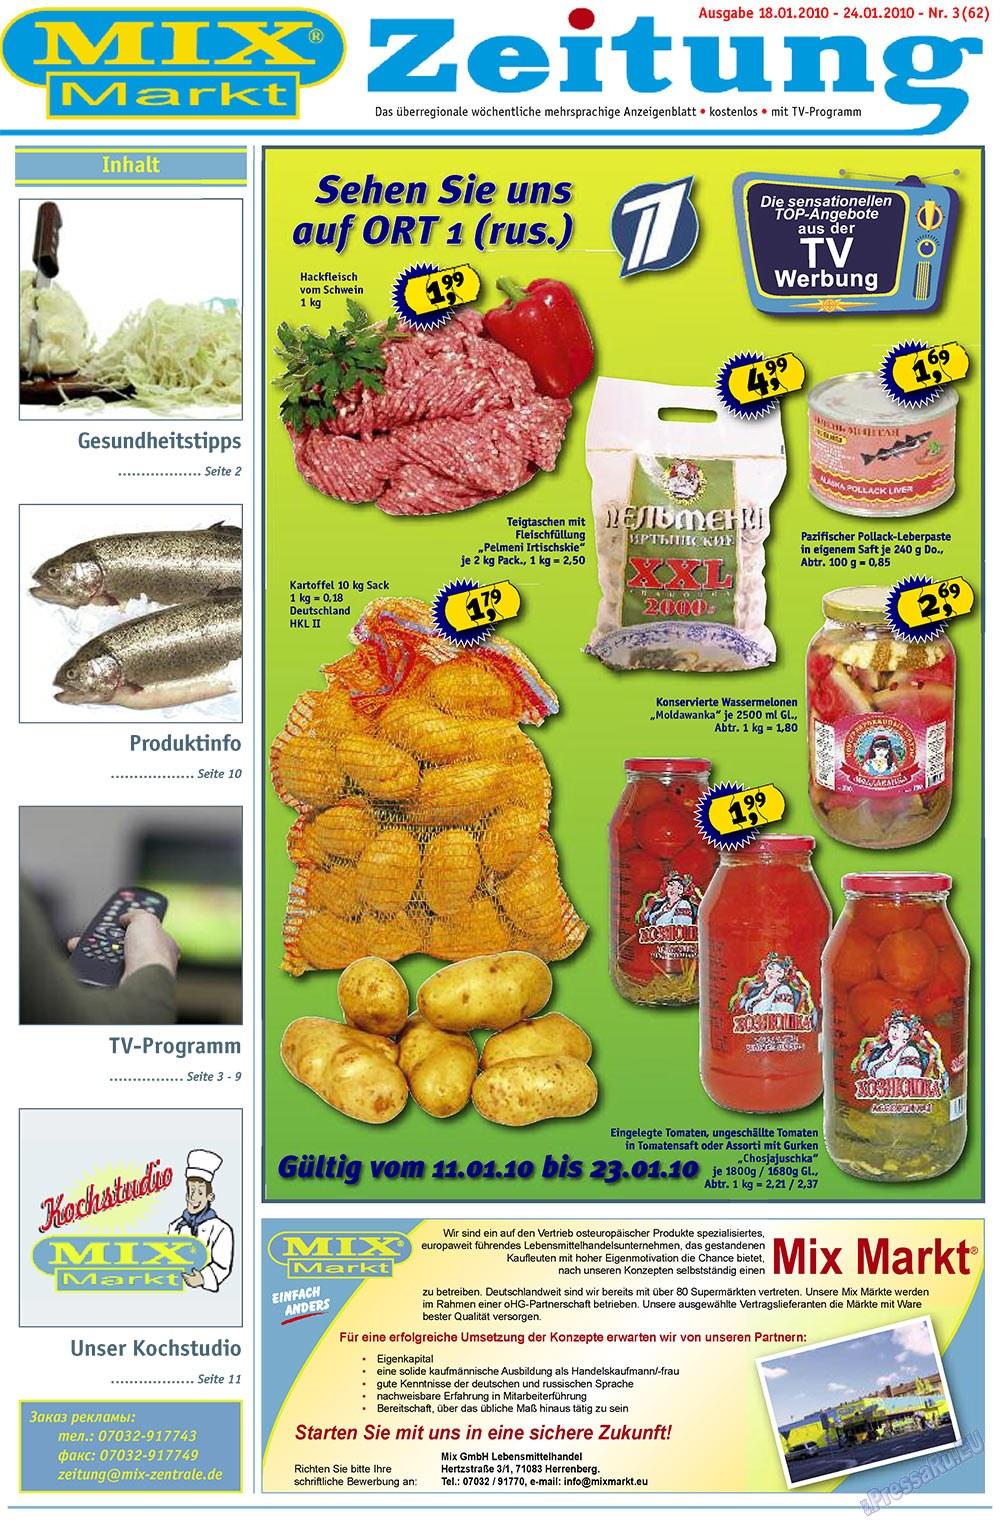 MIX-Markt Zeitung (газета). 2010 год, номер 3, стр. 1